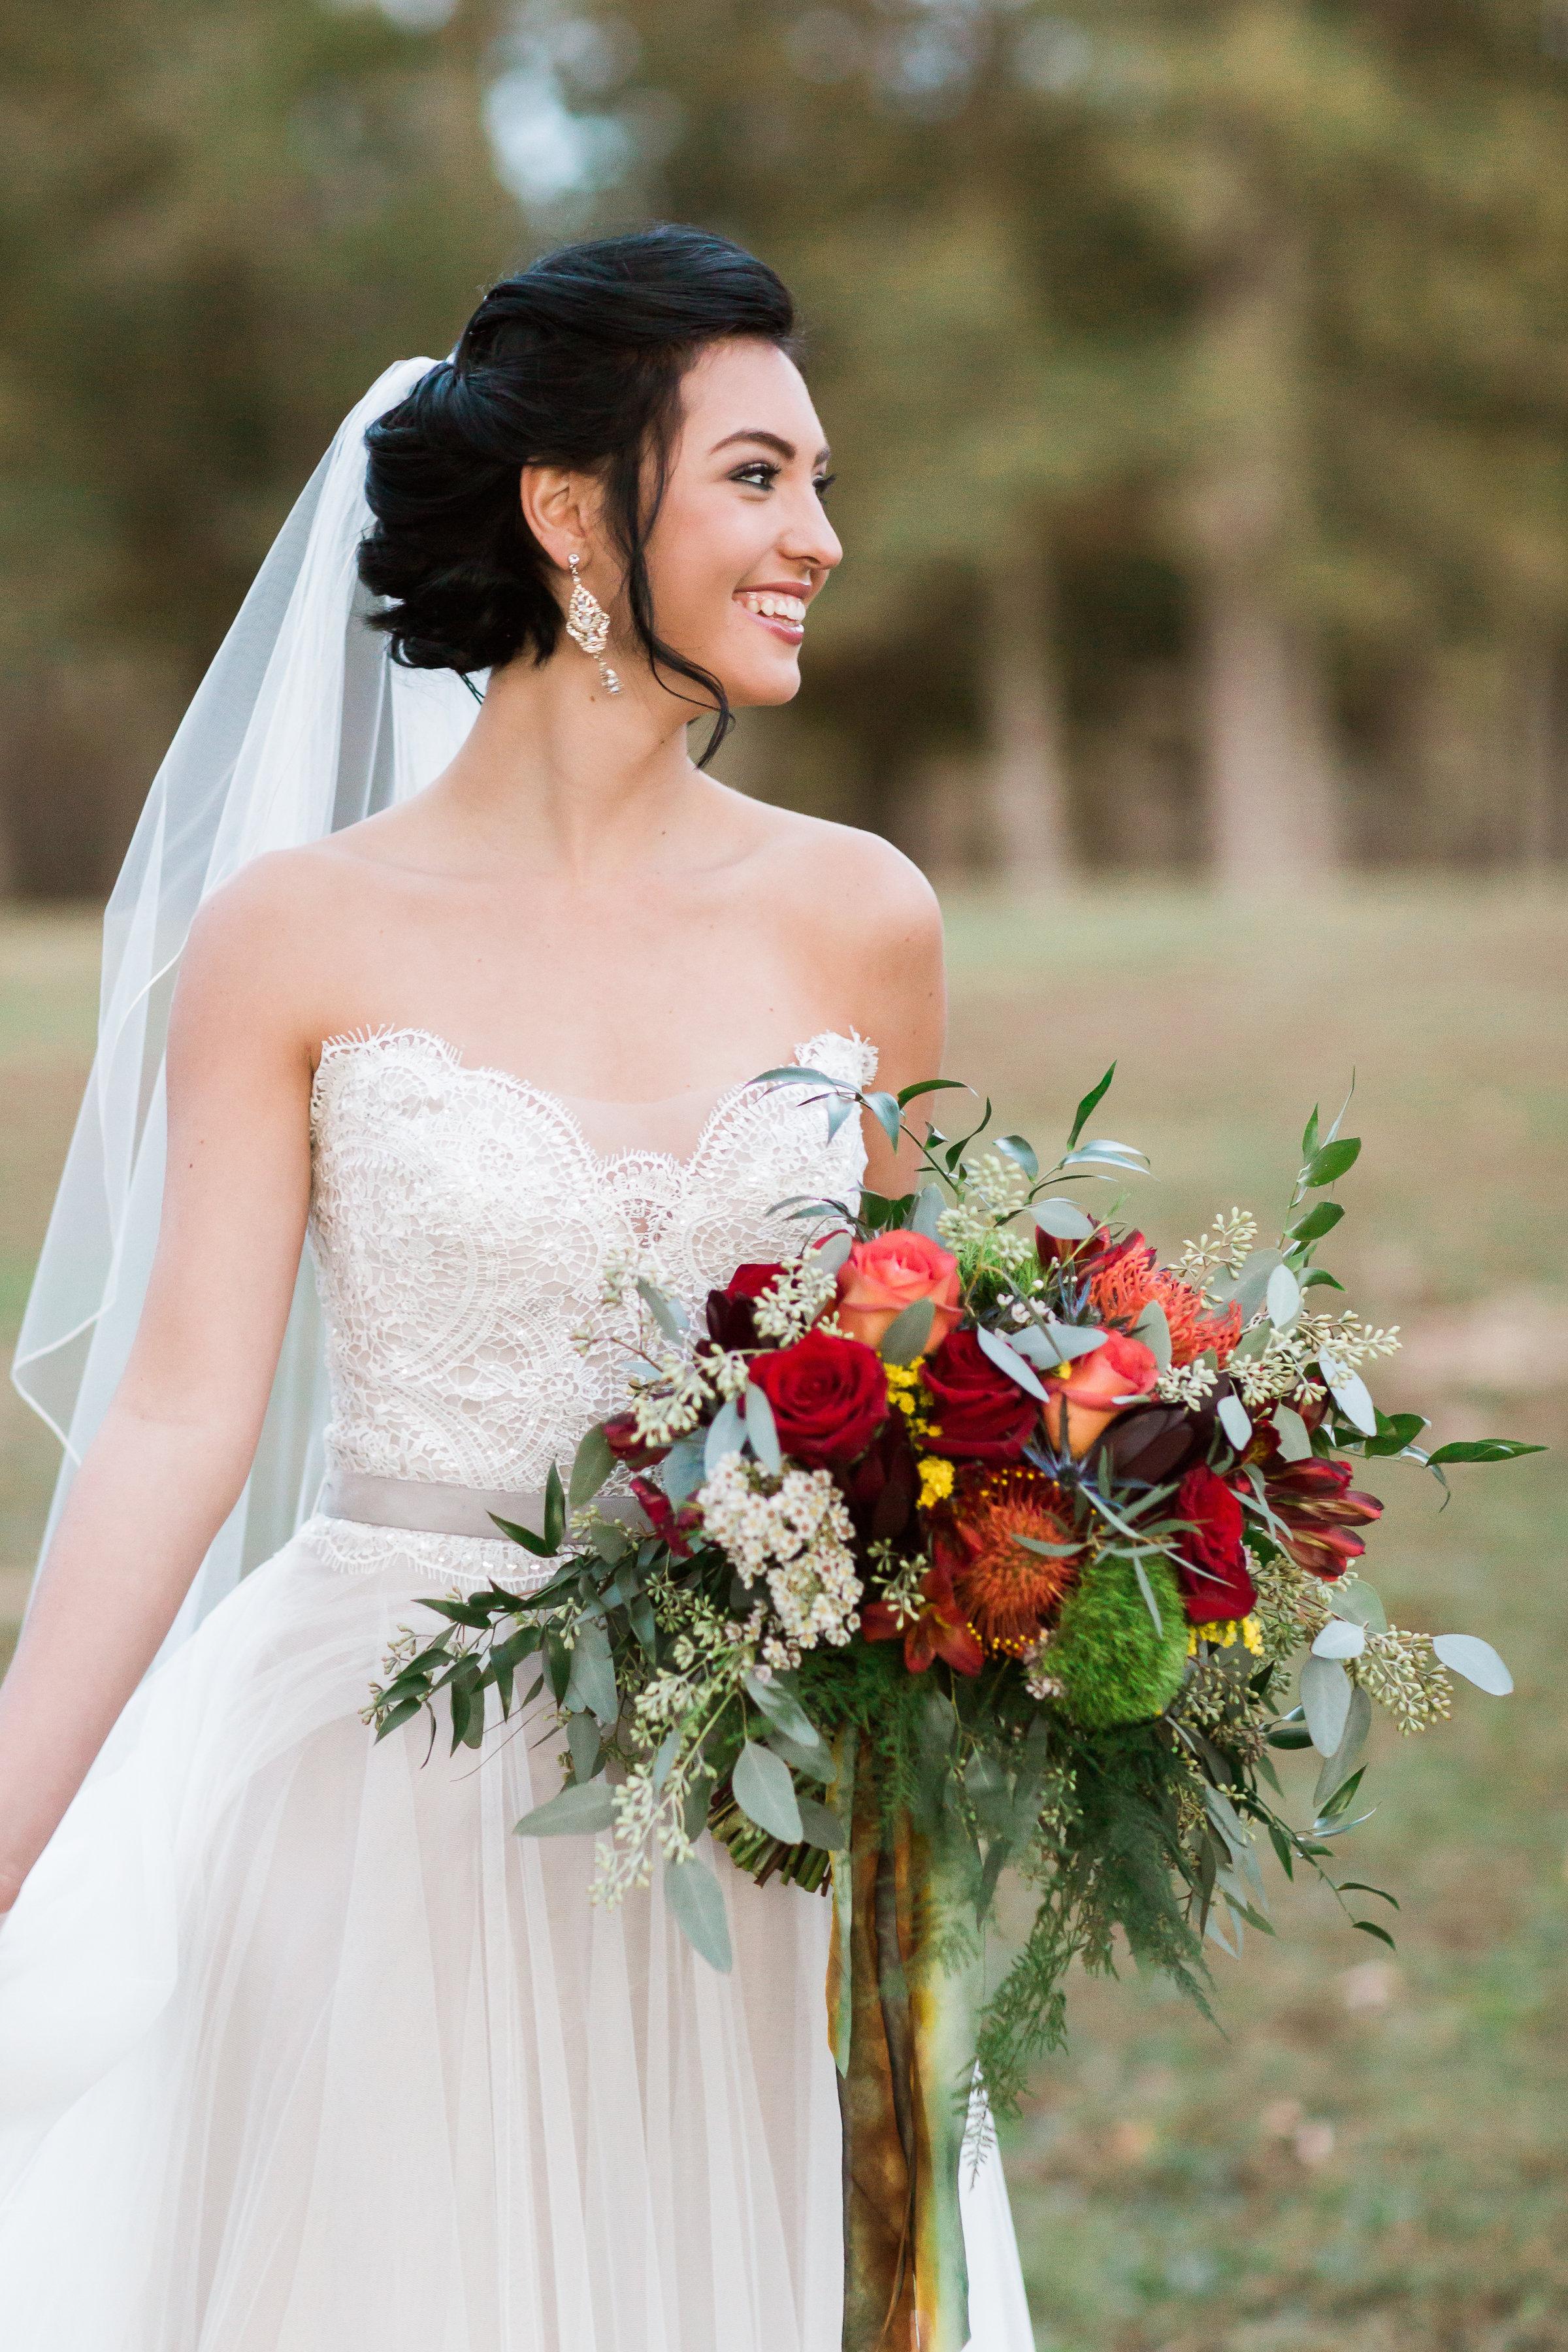 evansville wedding, evansville florist, evansville flowers, wedding flowers, evansville indiana